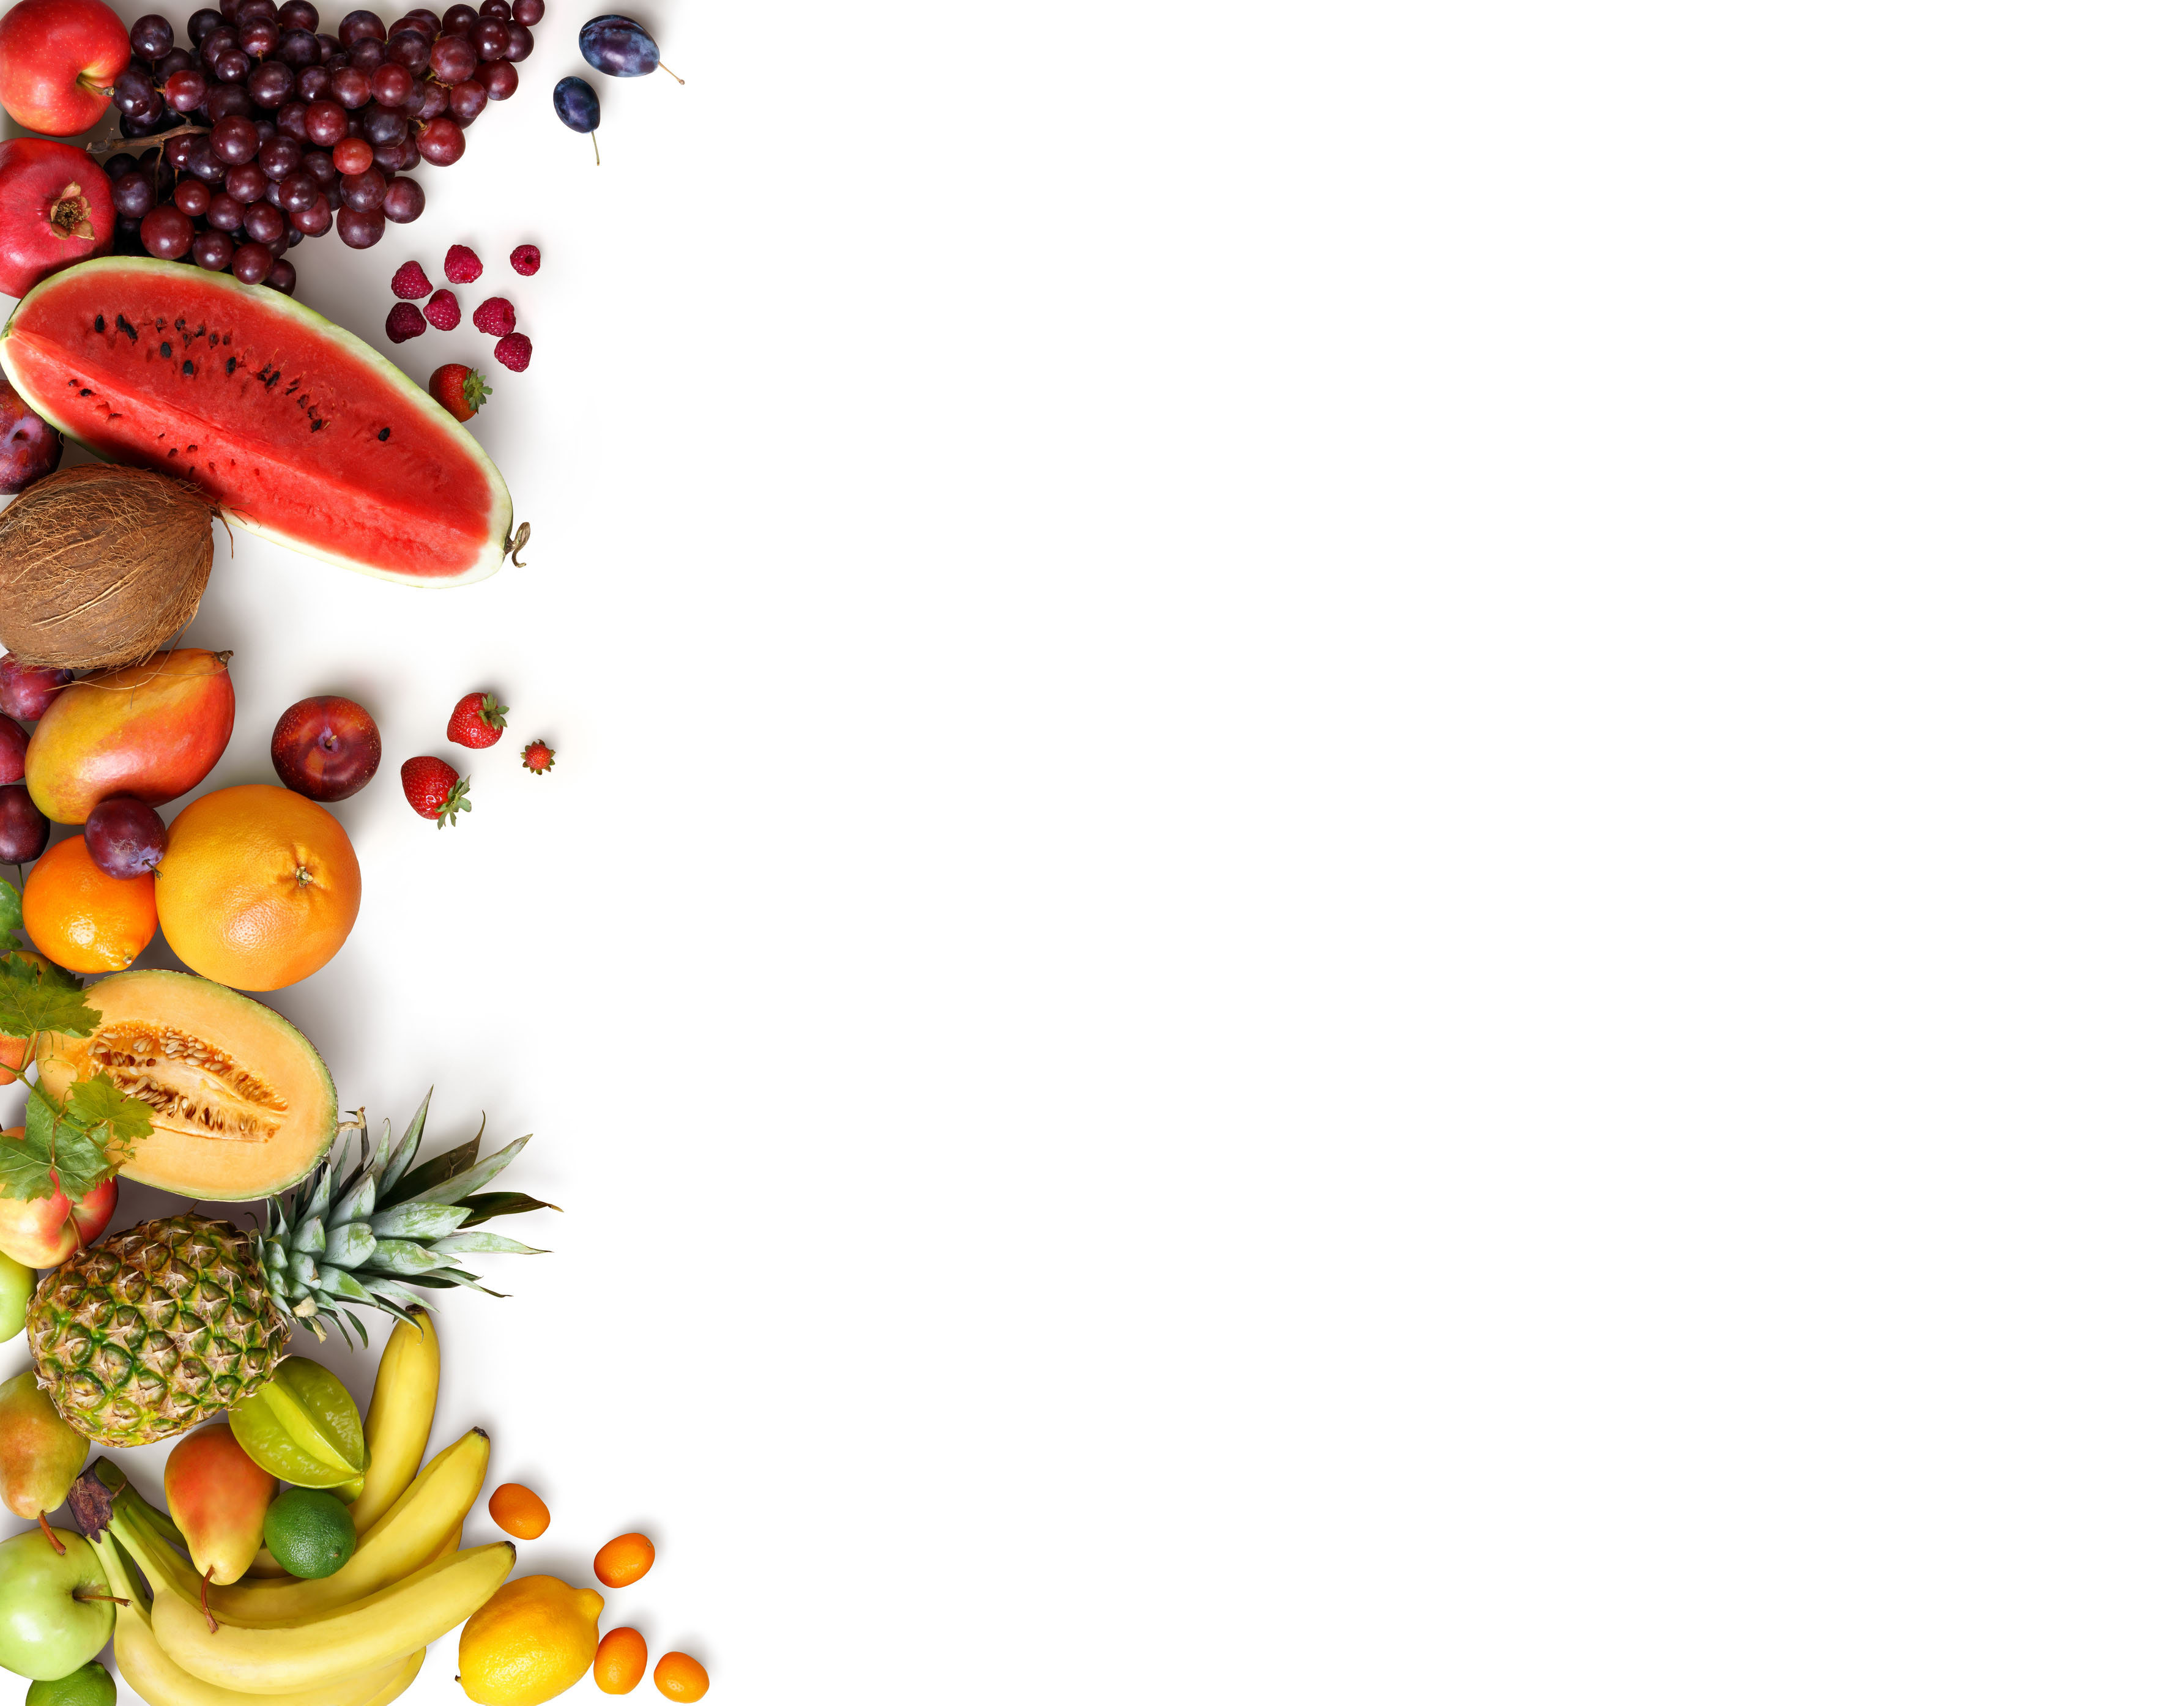 Healthy fruits background. | Savon Foods Super Market ...